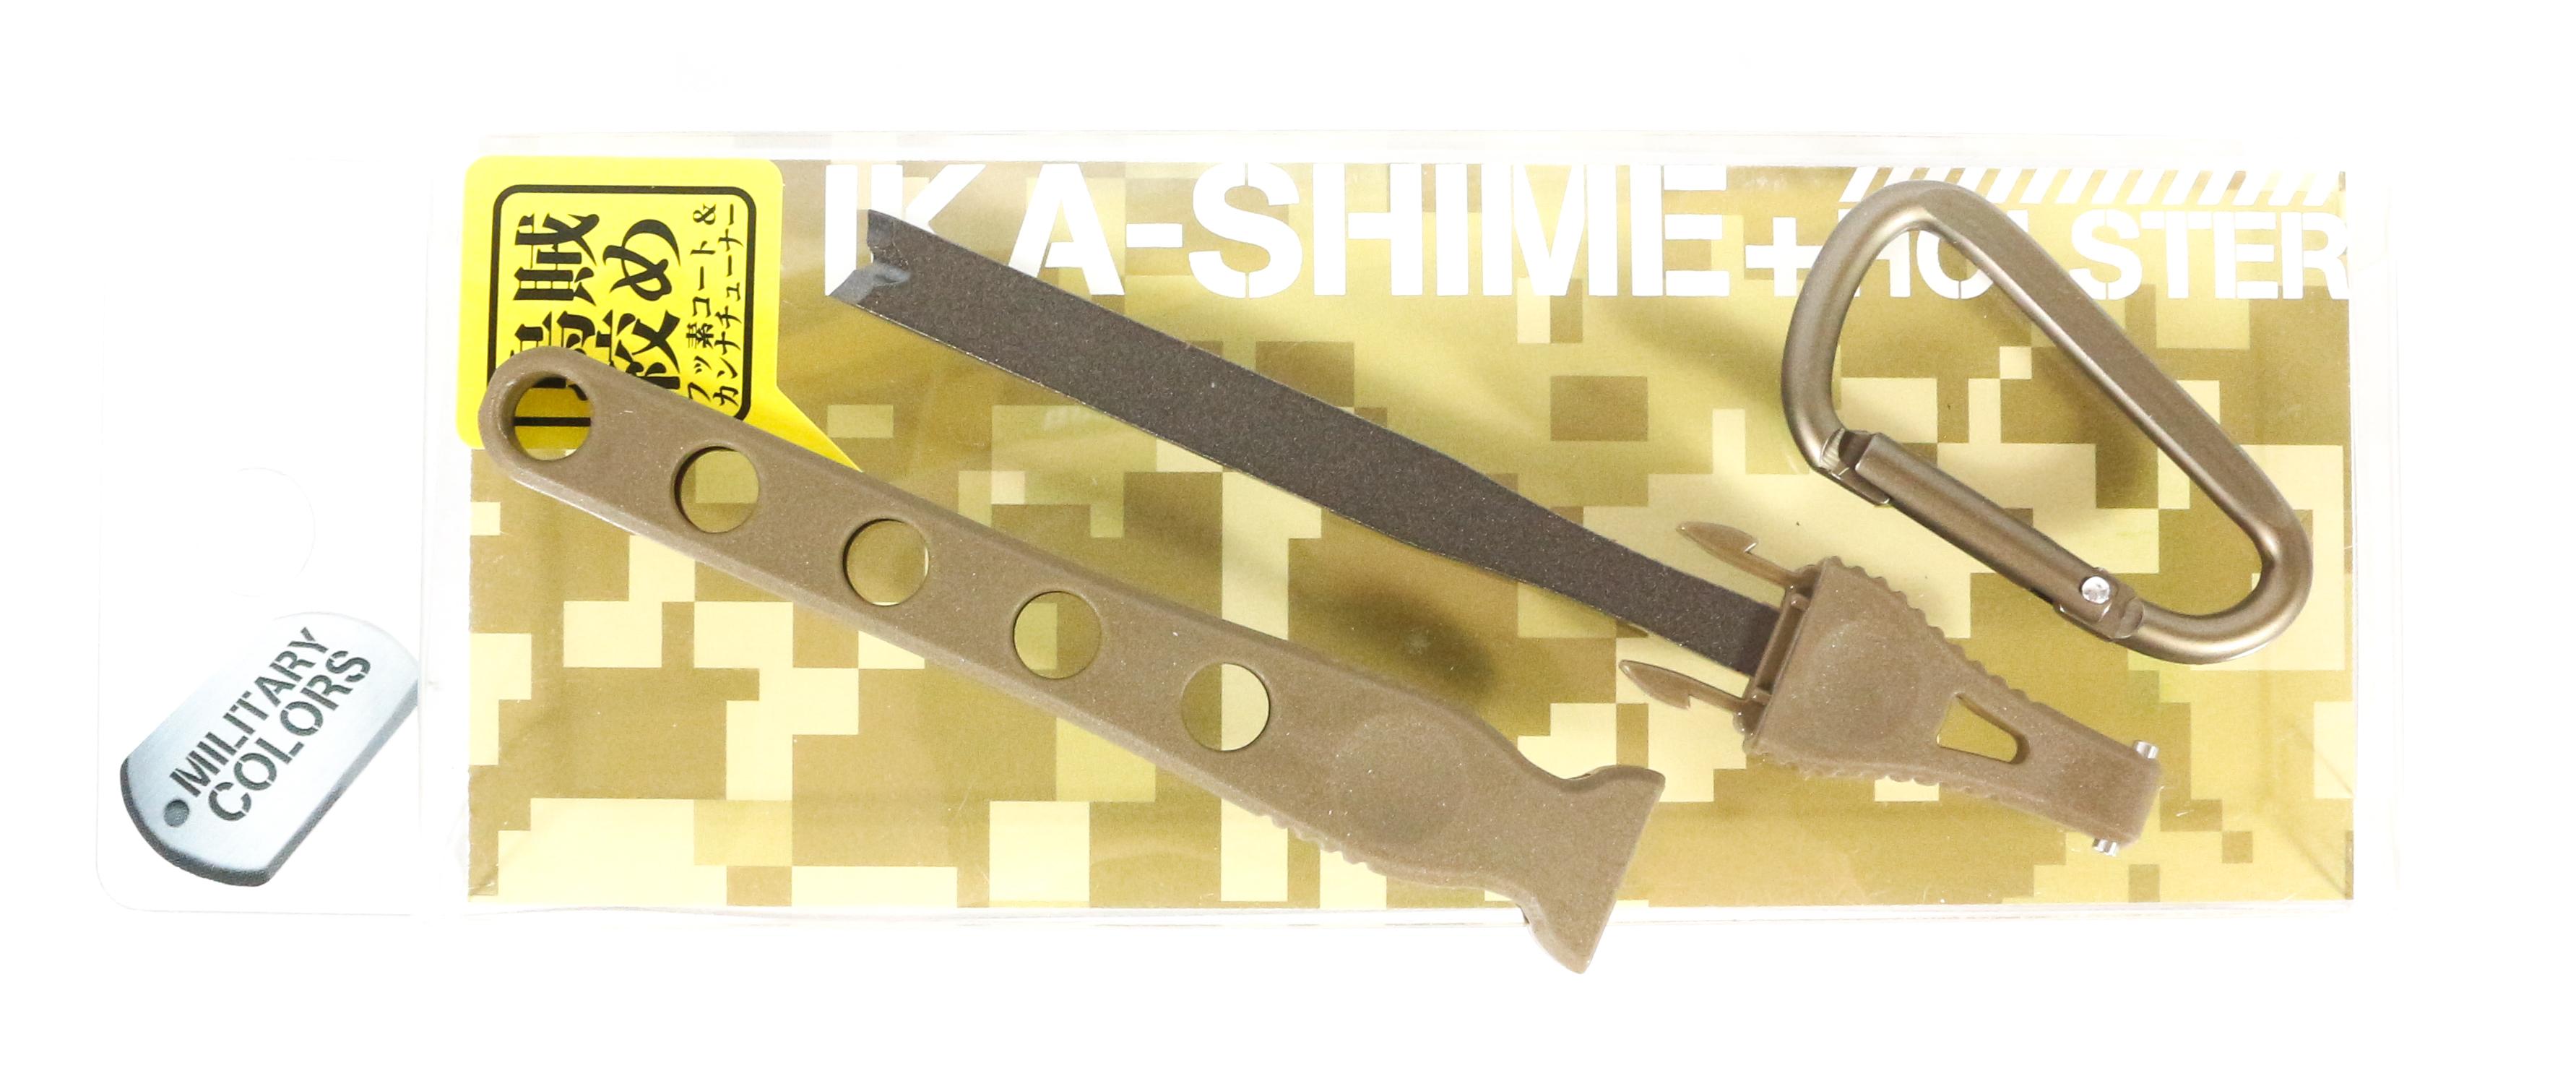 Daiichi #32143 Egi Oh Ika Shime Squid Spike Holster 125mm Brown (1431)